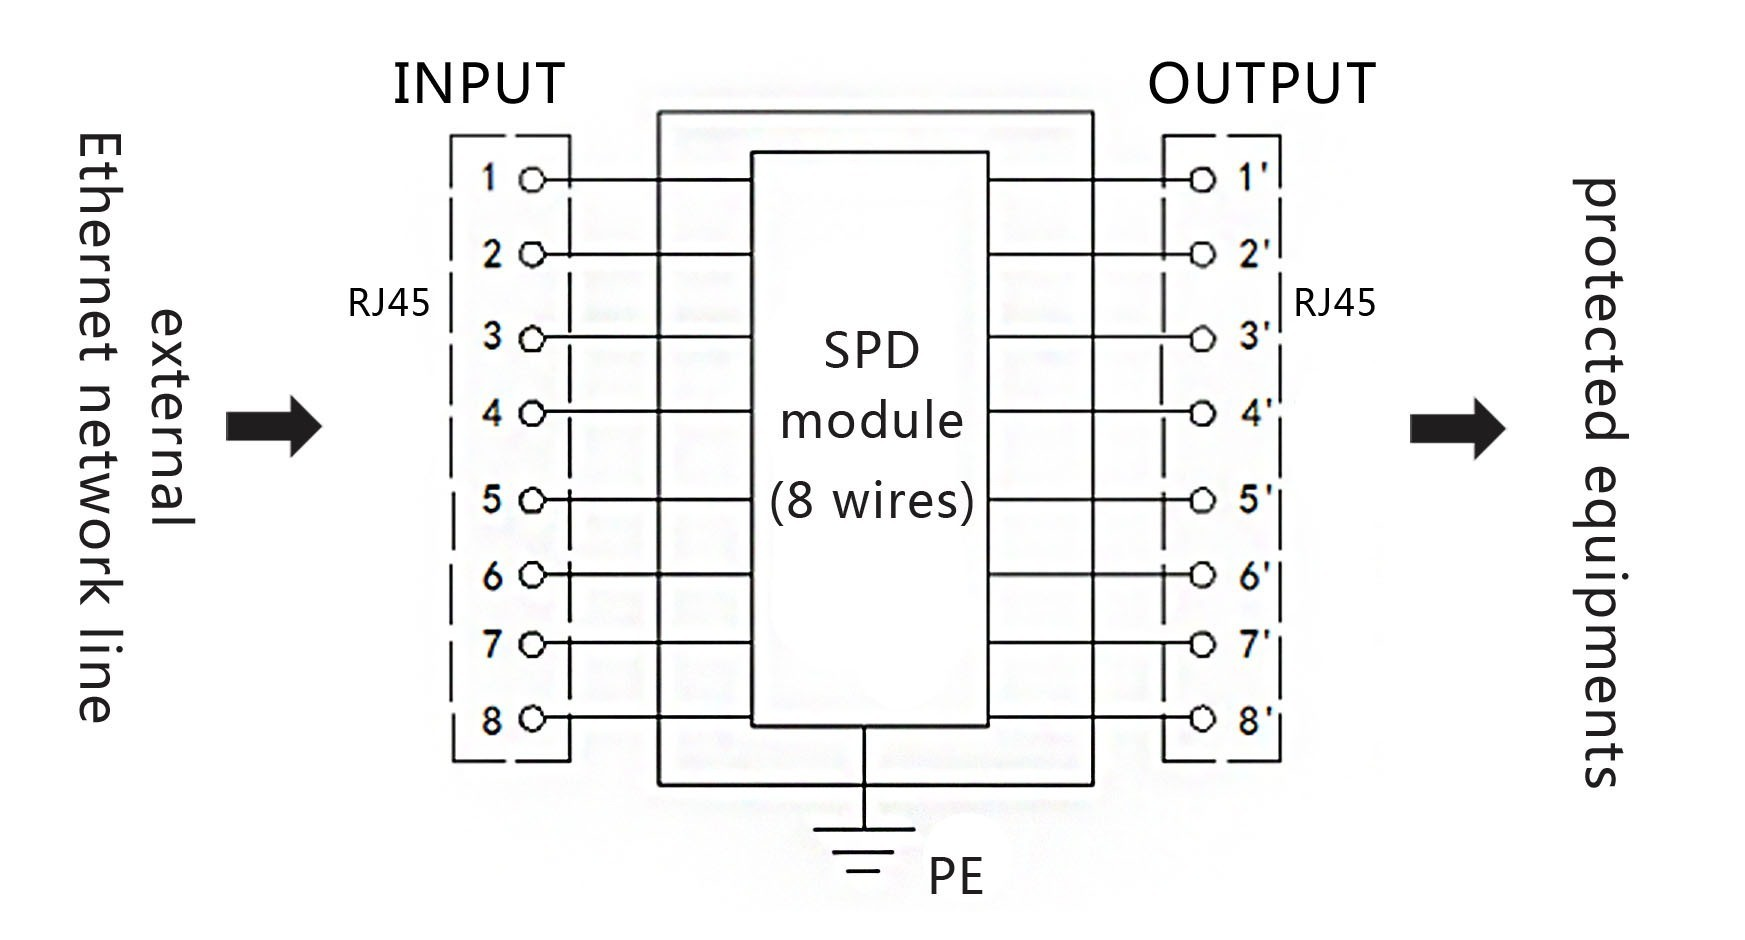 Cat5e Wire Diagram Unique Ethernet Cable Wiring Diagram New Od Wiring Diagram Wiring Diagram